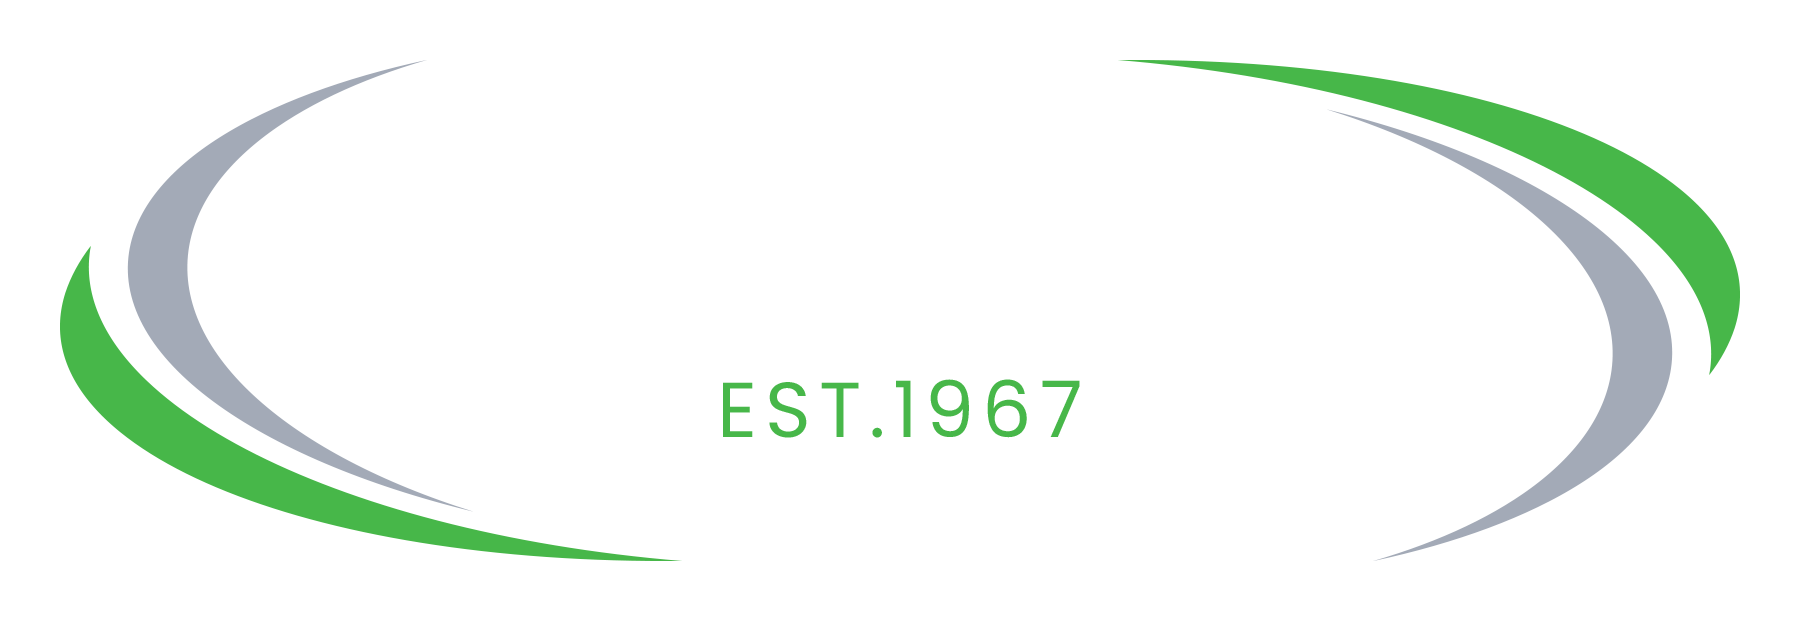 T James Motors